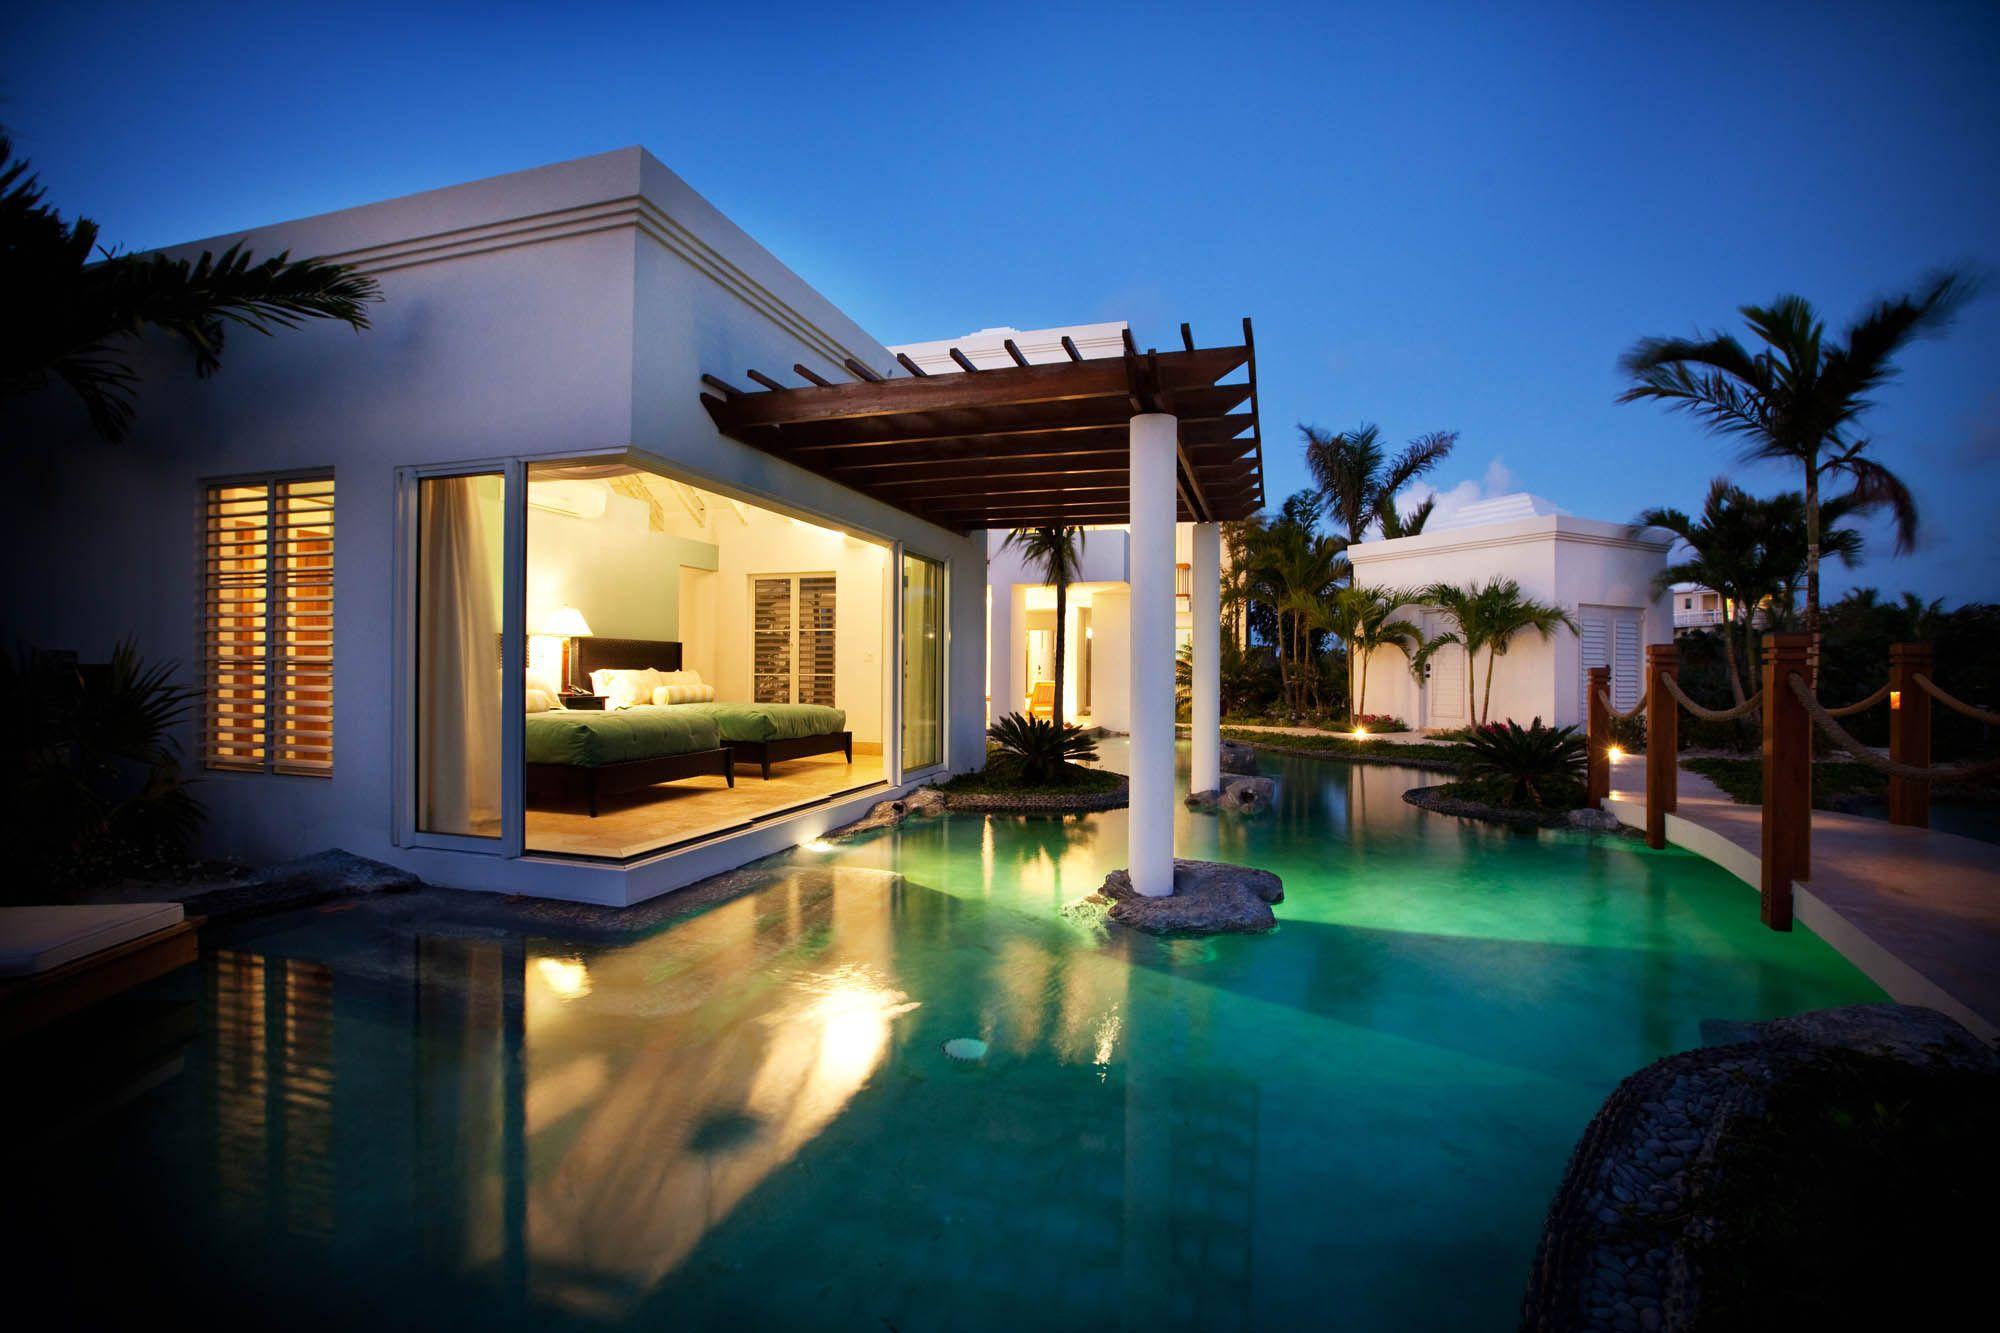 turtle breeze villa, grace bay beach, providenciales (provo